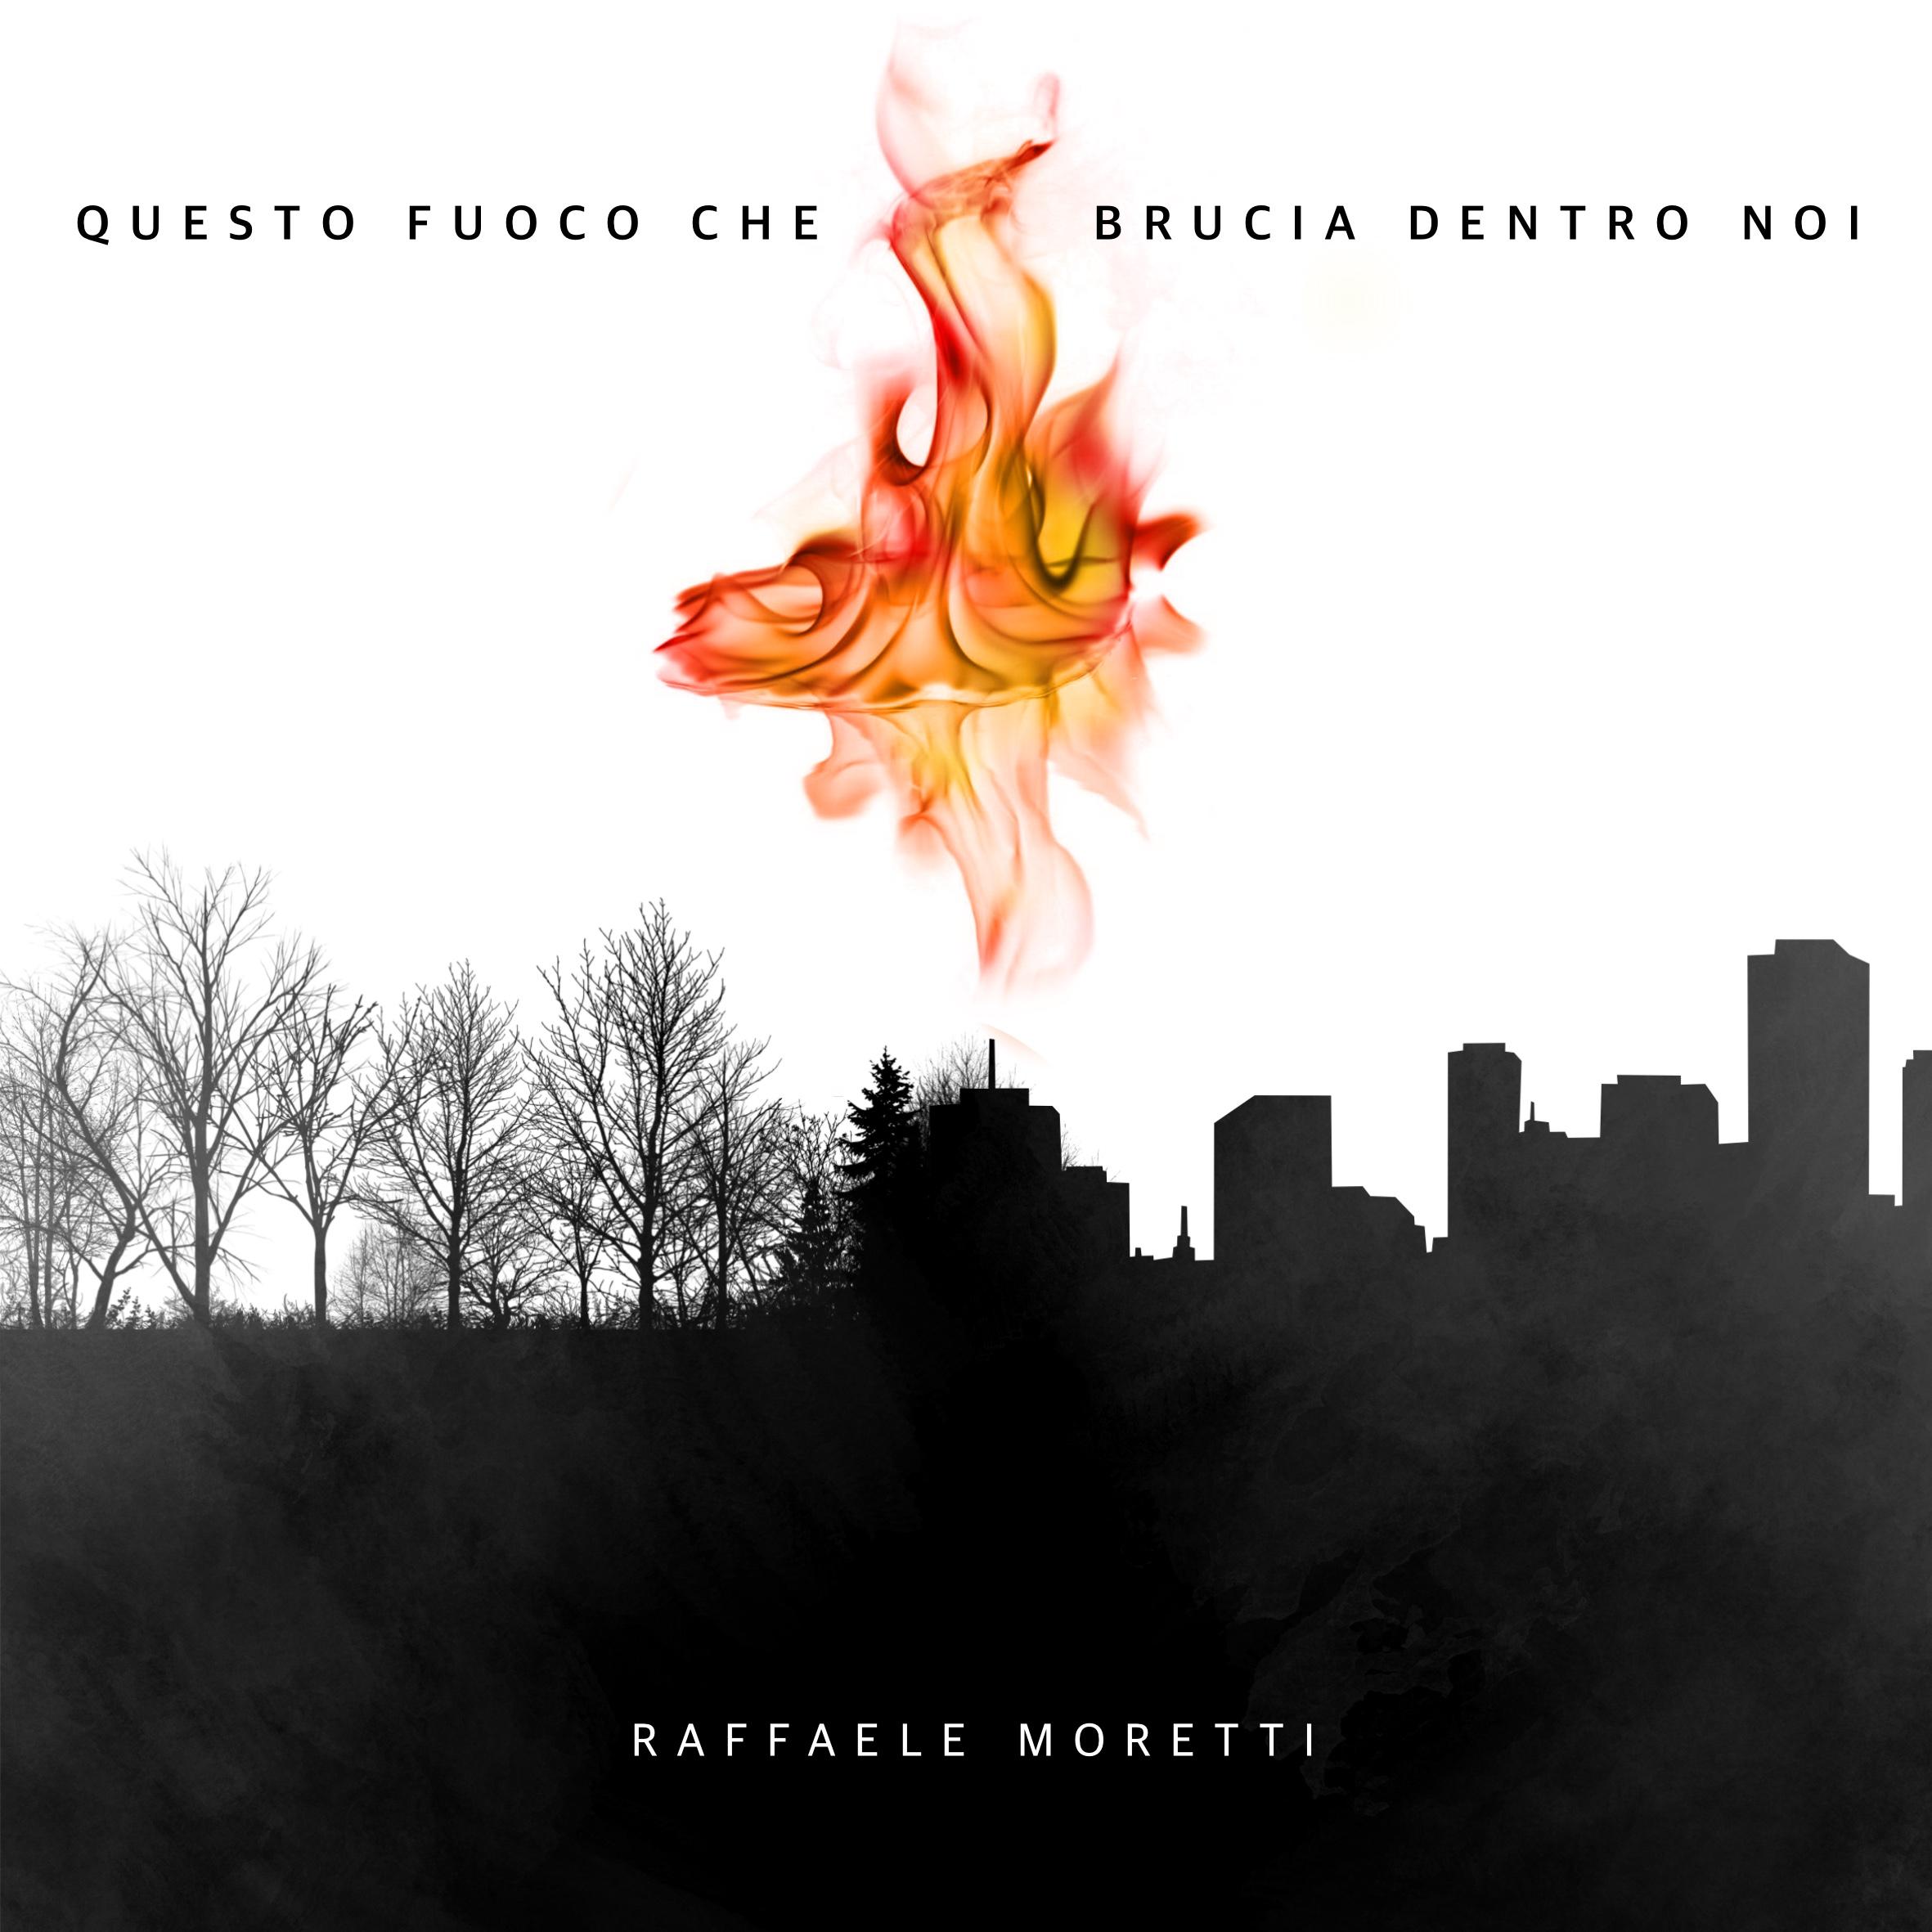 """Raffaele Moretti – """"Questo Fuoco che brucia dentro noi"""""""